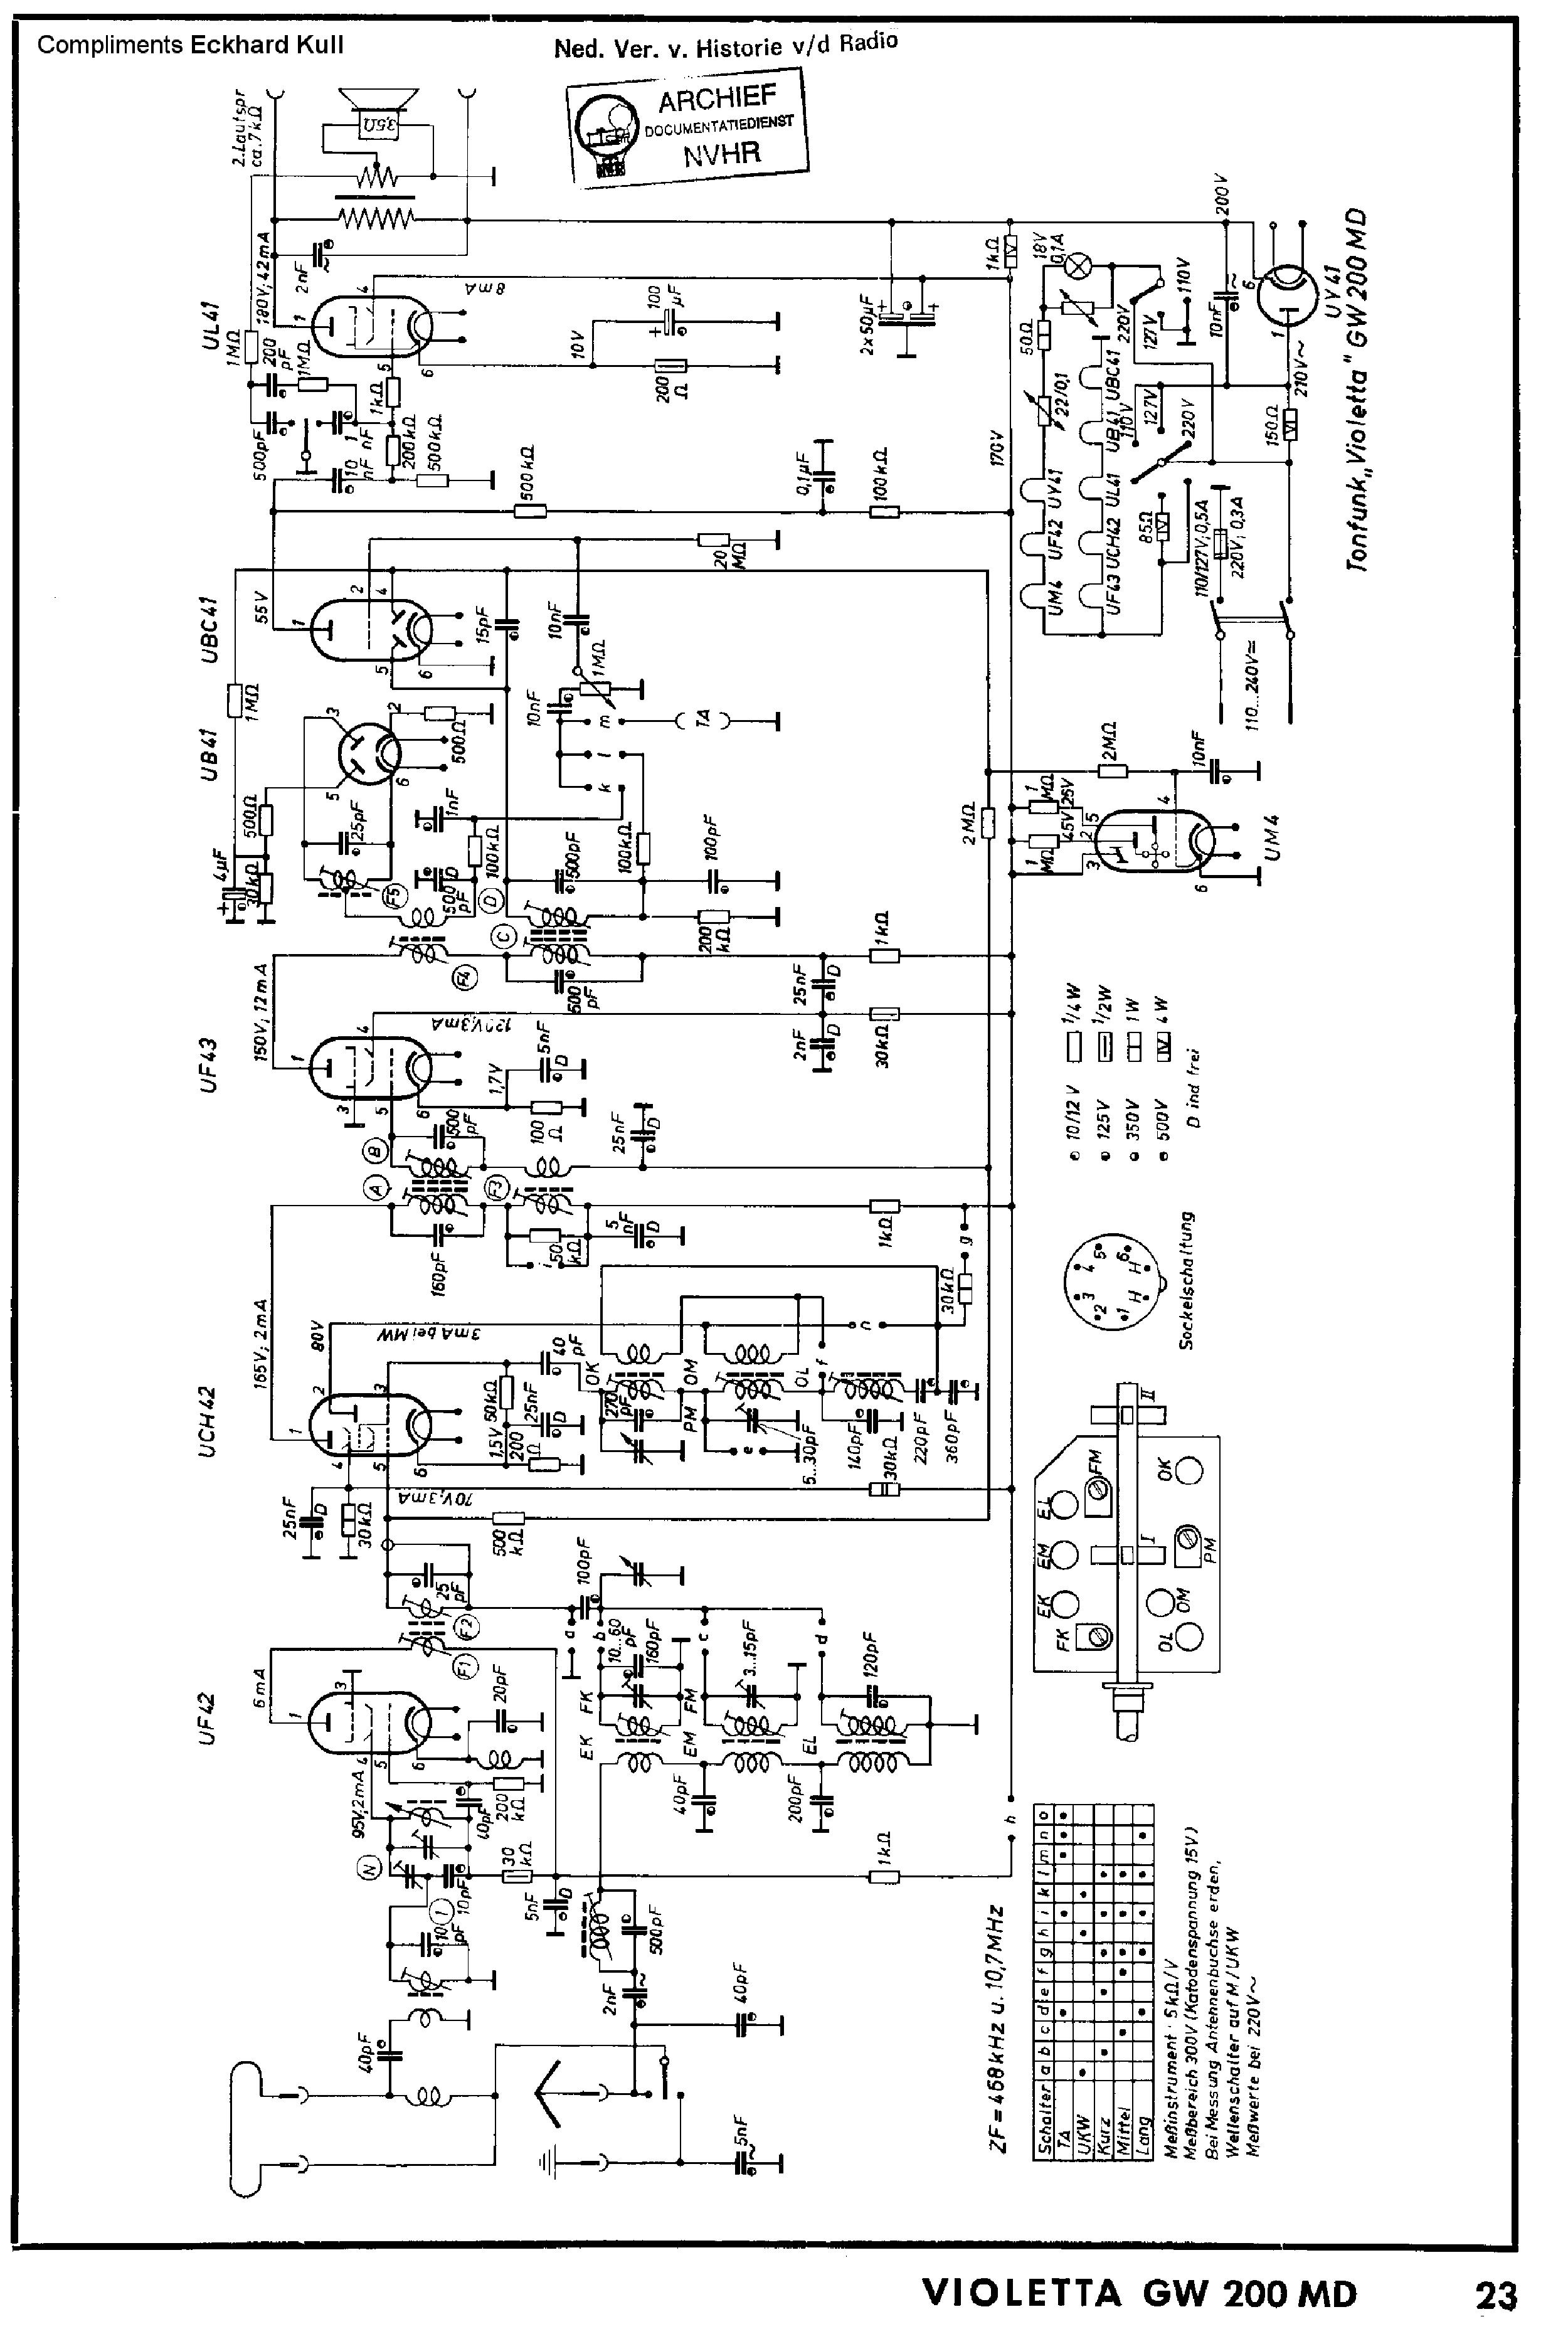 Esab caddy tig-2200i ac-dc 718-xxx to 843-xxx service manual.